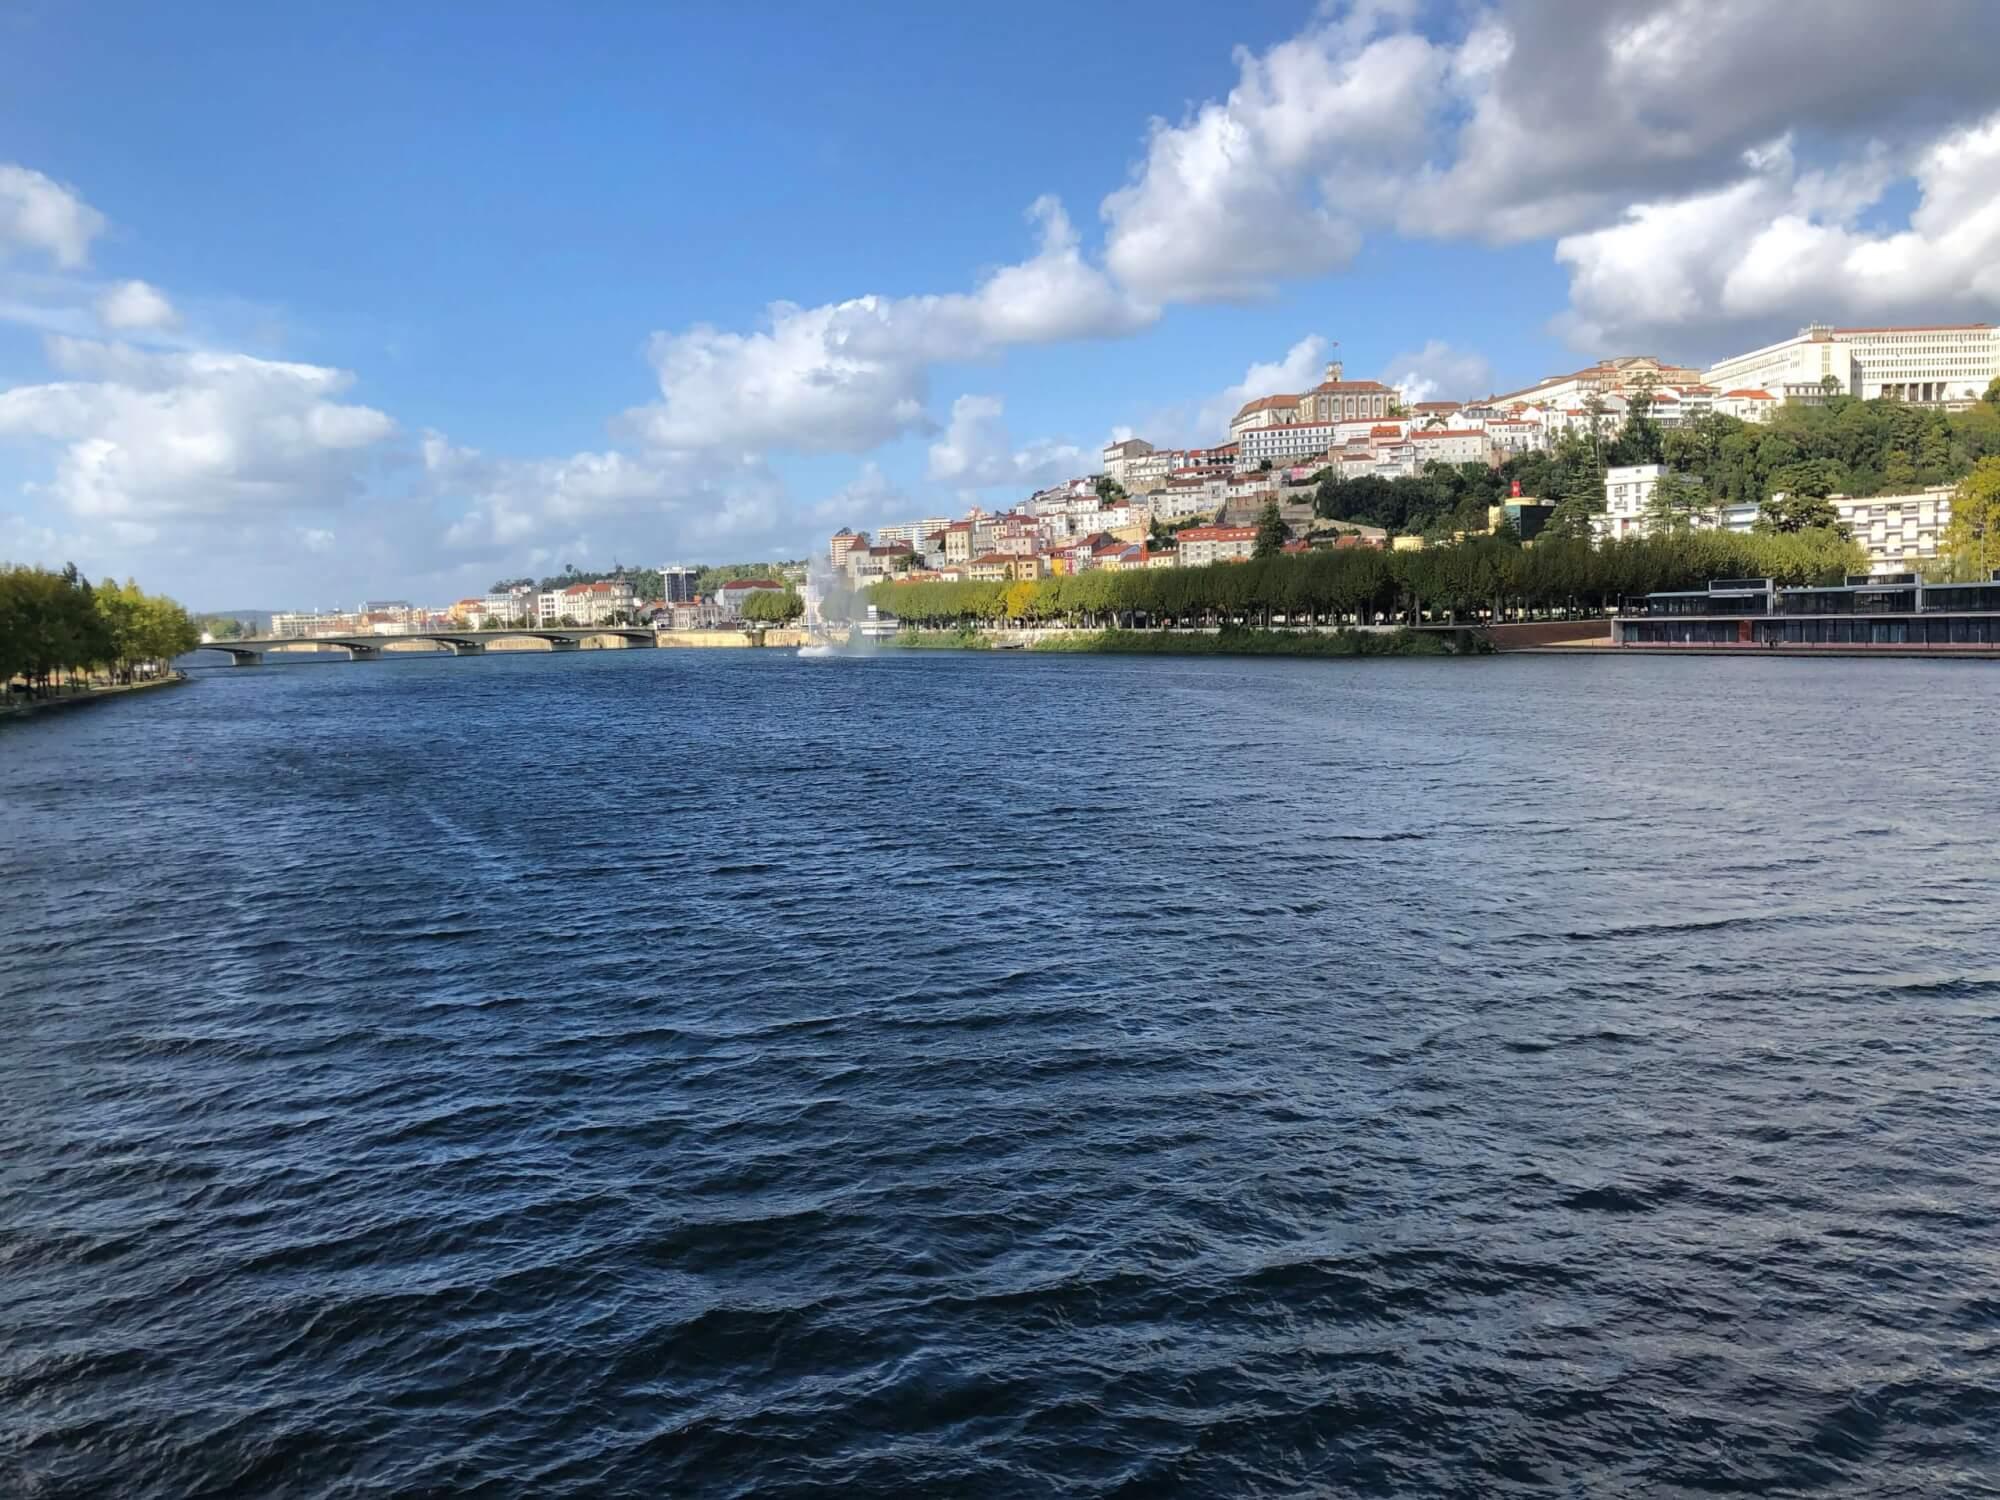 Mondego river in Coimbra.